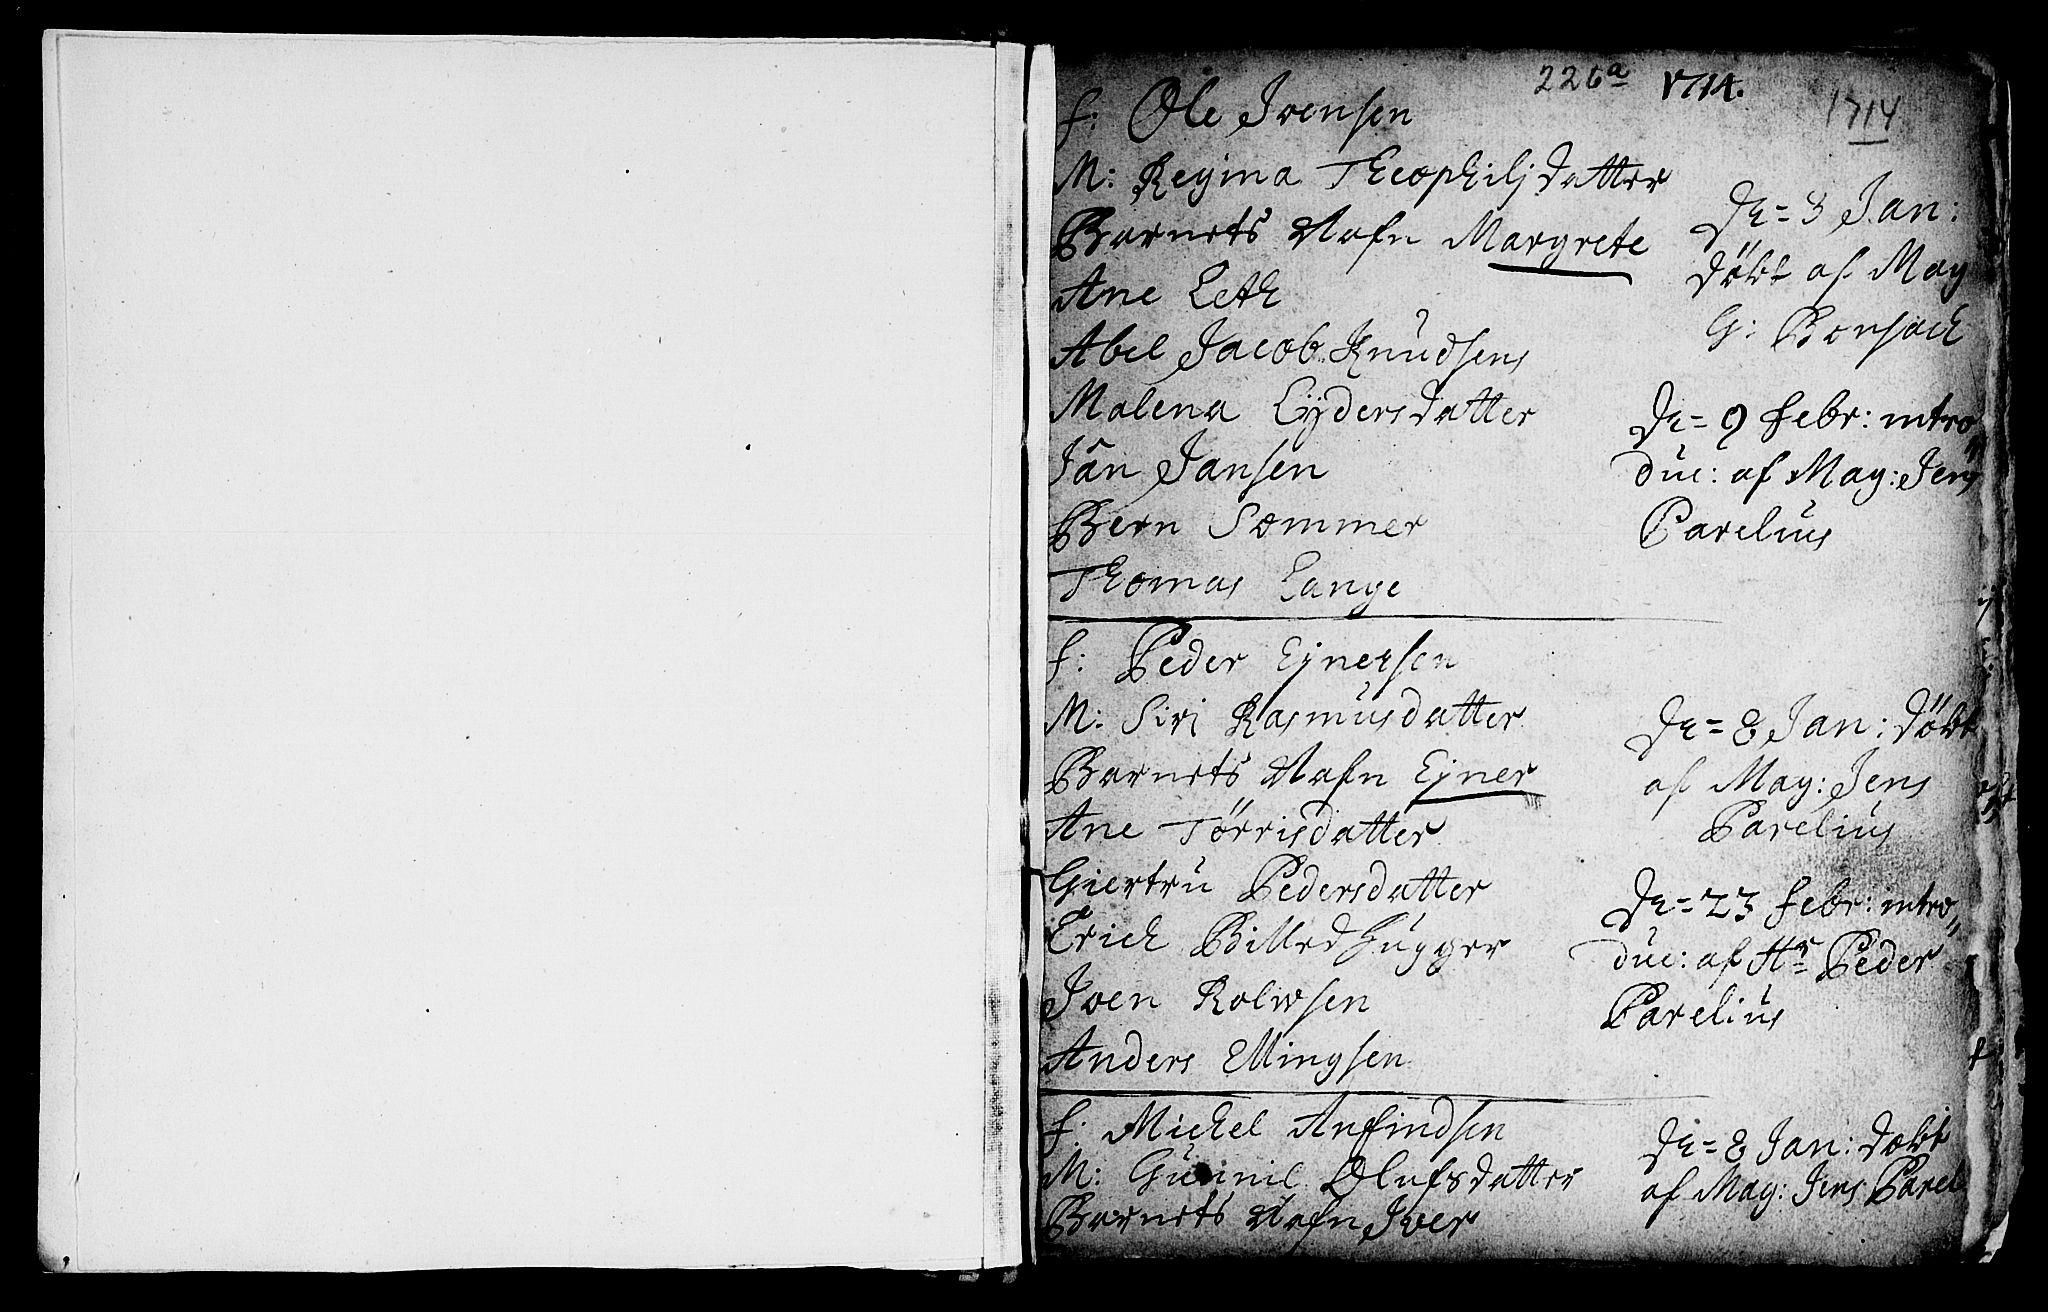 SAT, Ministerialprotokoller, klokkerbøker og fødselsregistre - Sør-Trøndelag, 601/L0035: Ministerialbok nr. 601A03, 1713-1728, s. 226c